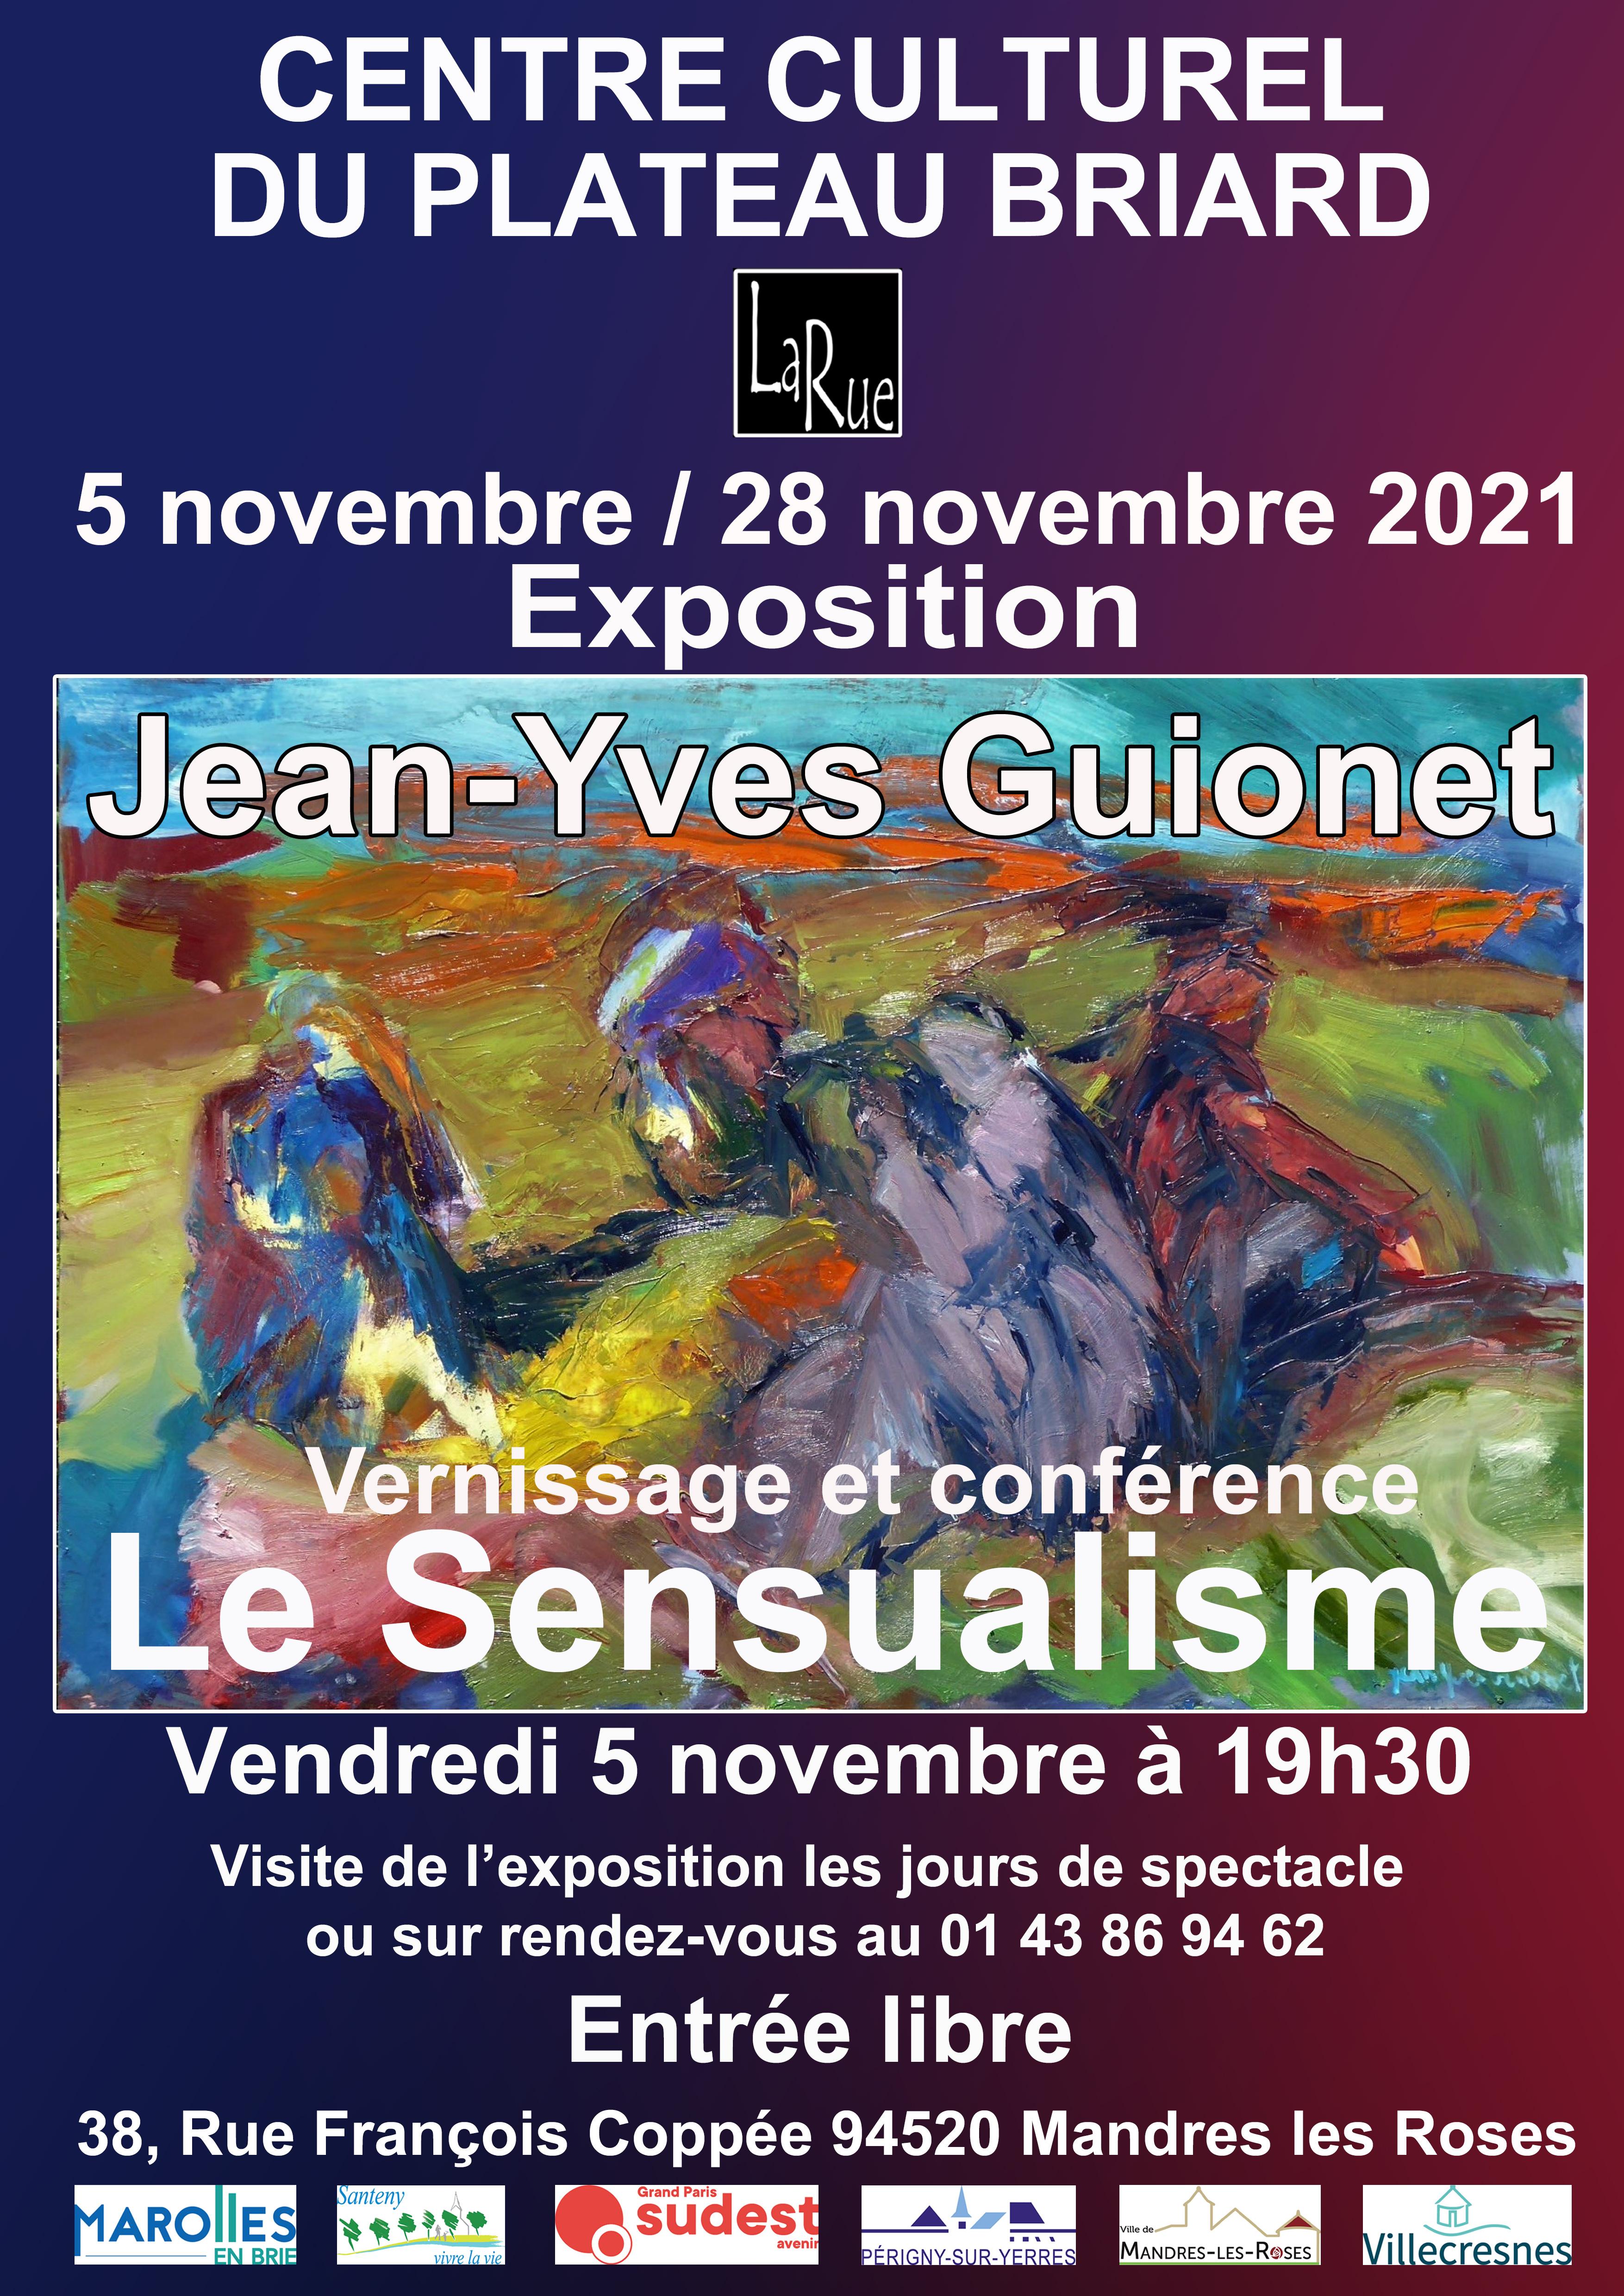 Le sensualisme, vous connaissez ? Conférence et vernissage le vendredi 5 novembre 2021.